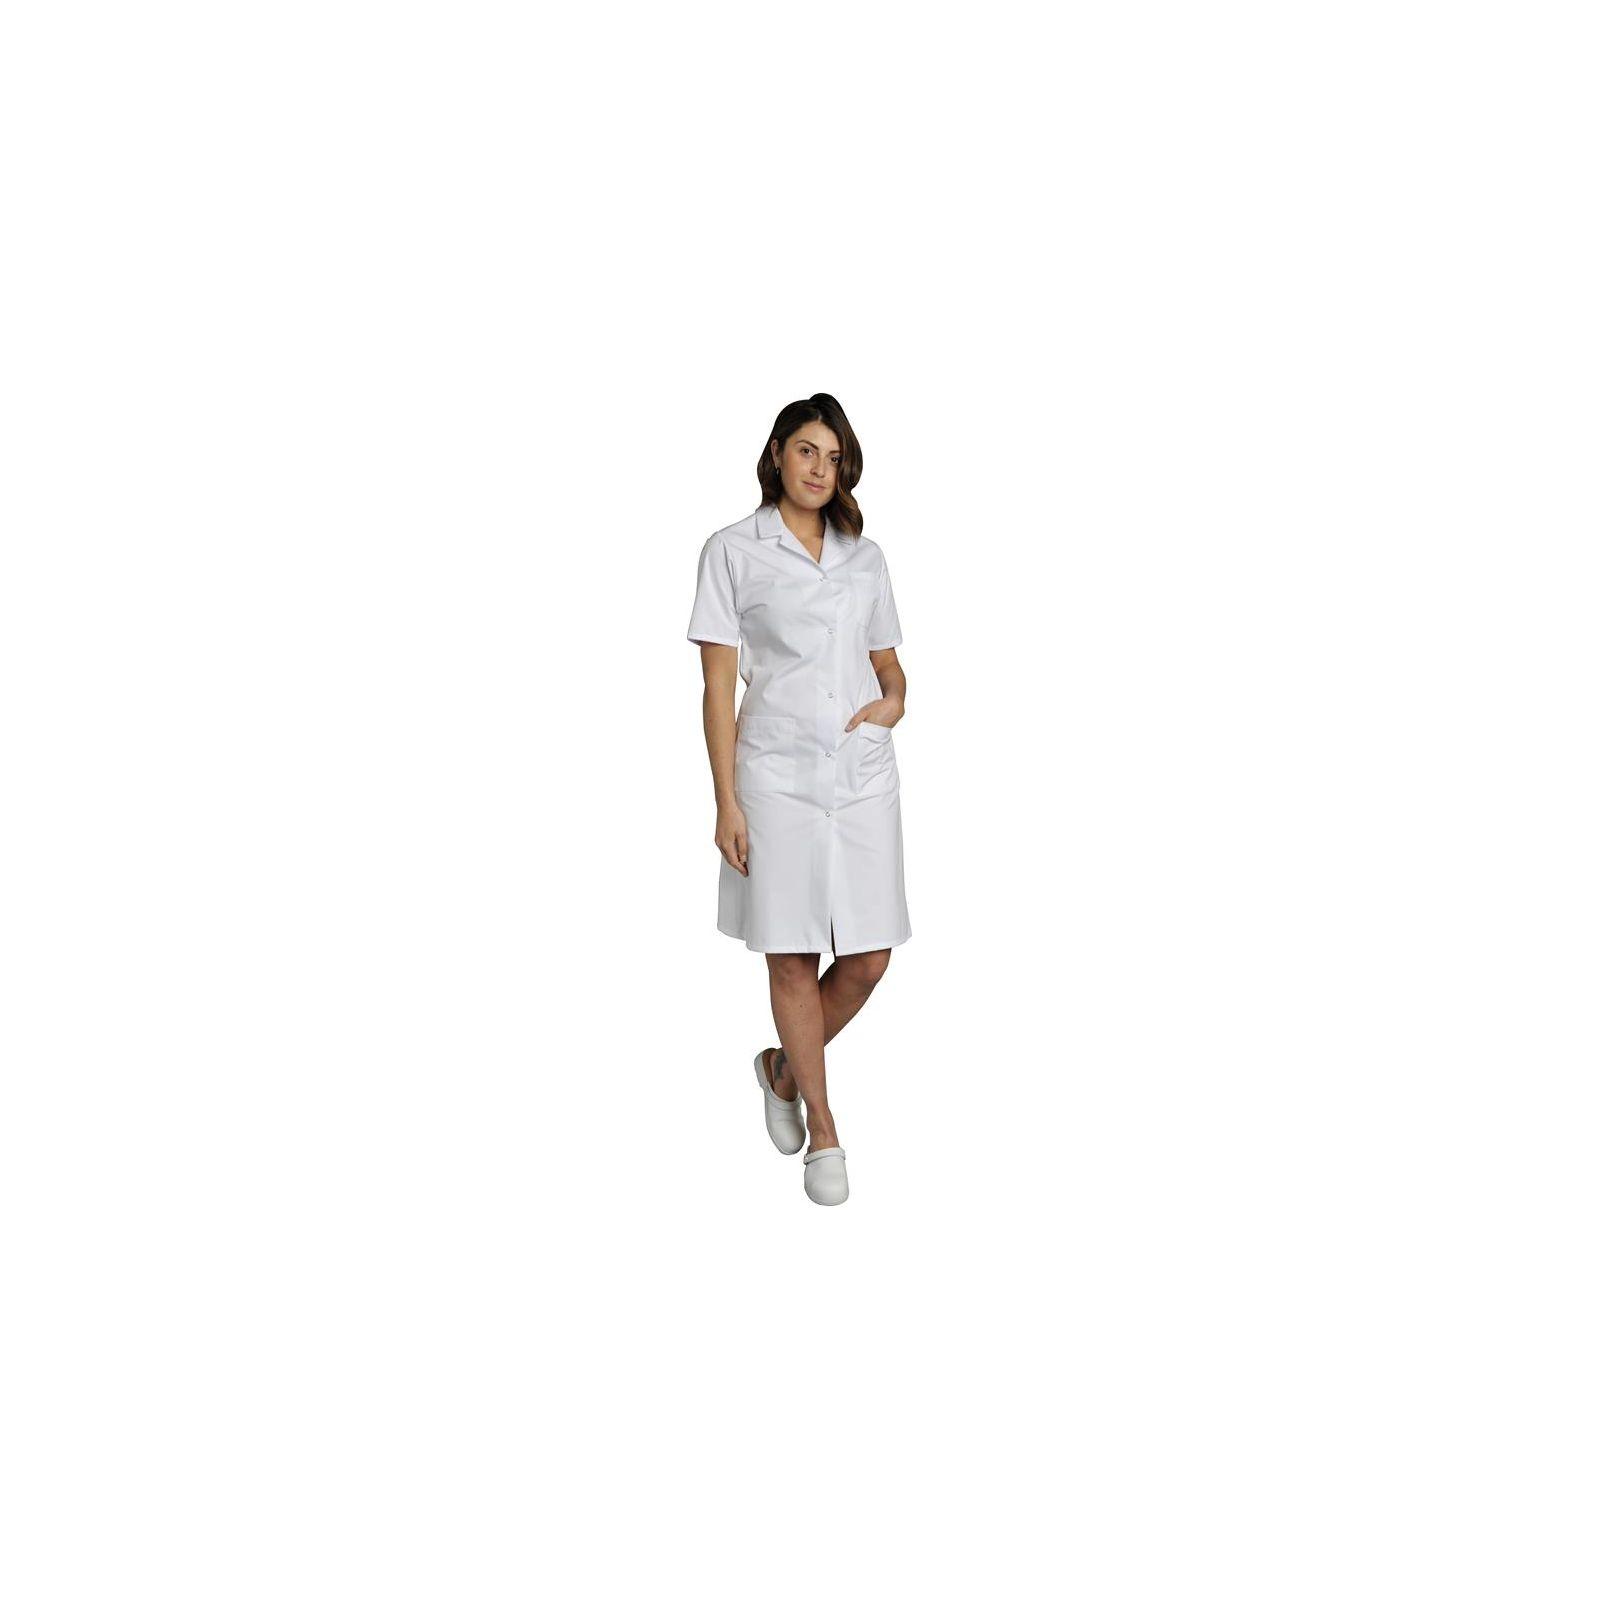 Blouse médicale Femme blanche manches courtes Poly/Coton Madona, SNV (MADCP00000) vue modèle